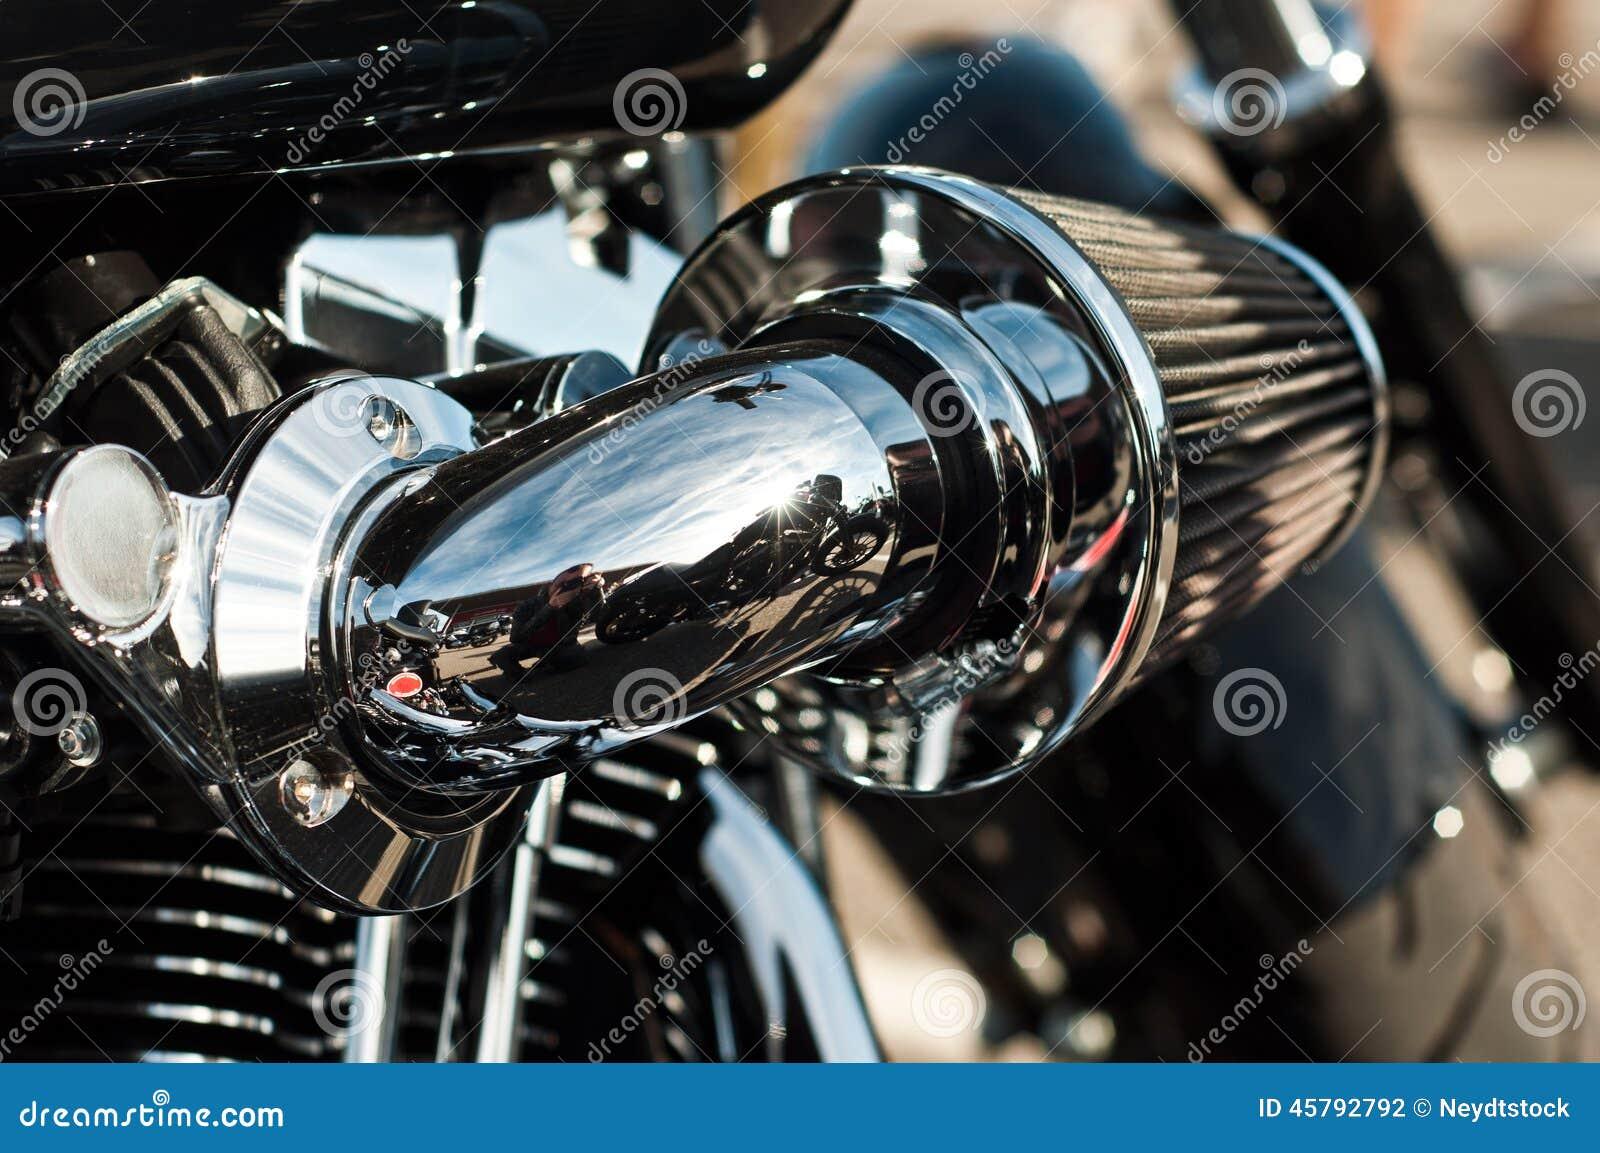 harley davidson motorbke closeup editorial photography image 45792792. Black Bedroom Furniture Sets. Home Design Ideas